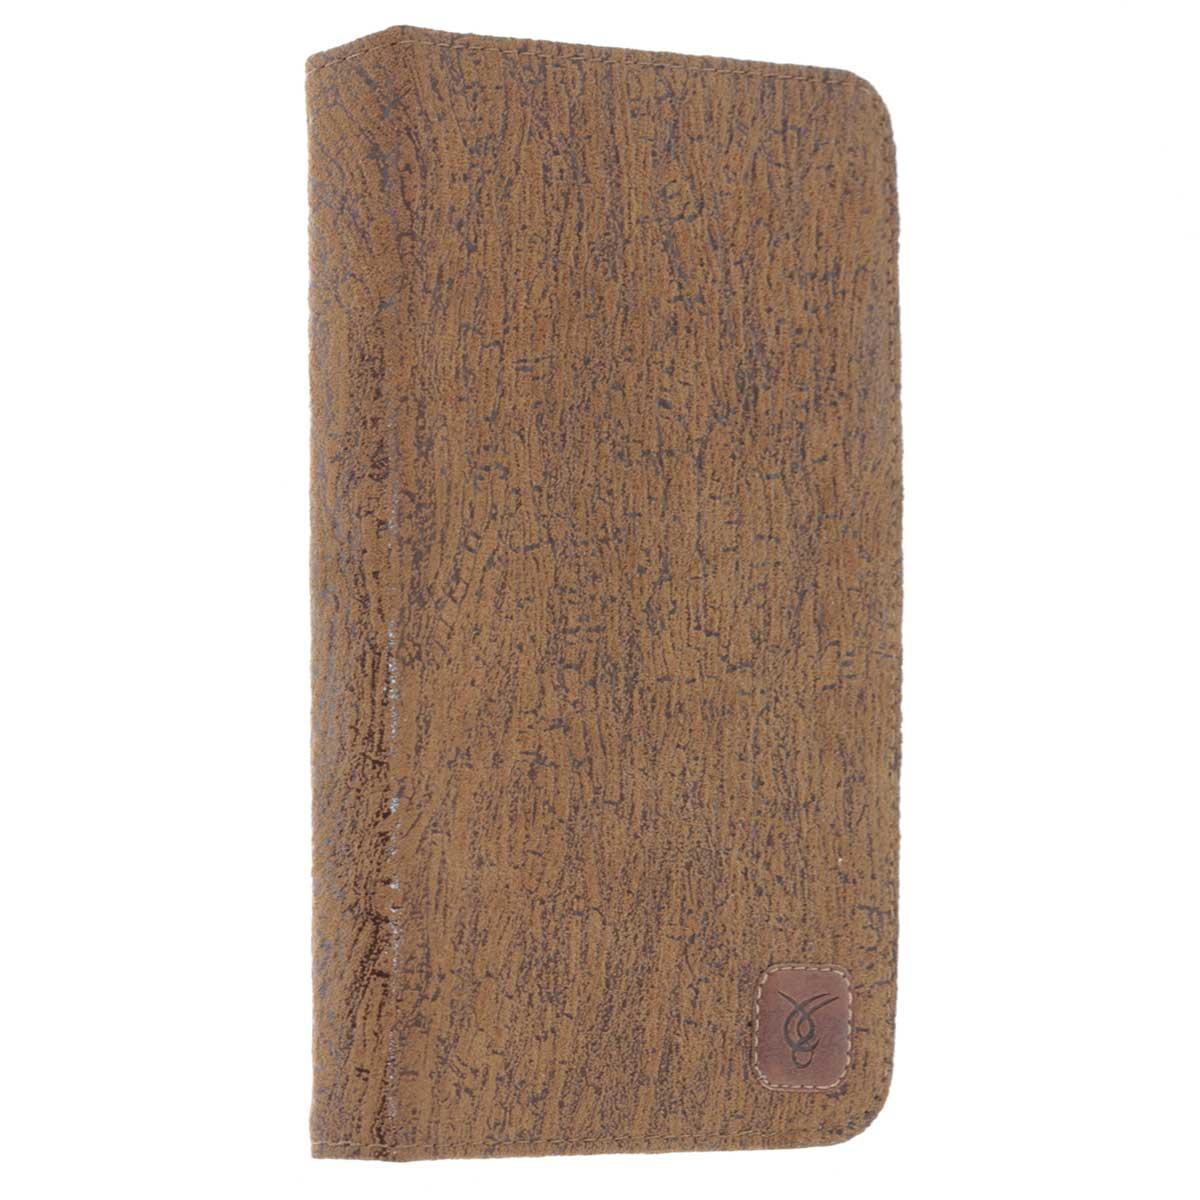 все цены на Vivacase Textile чехол для Asus MeMO Pad 7